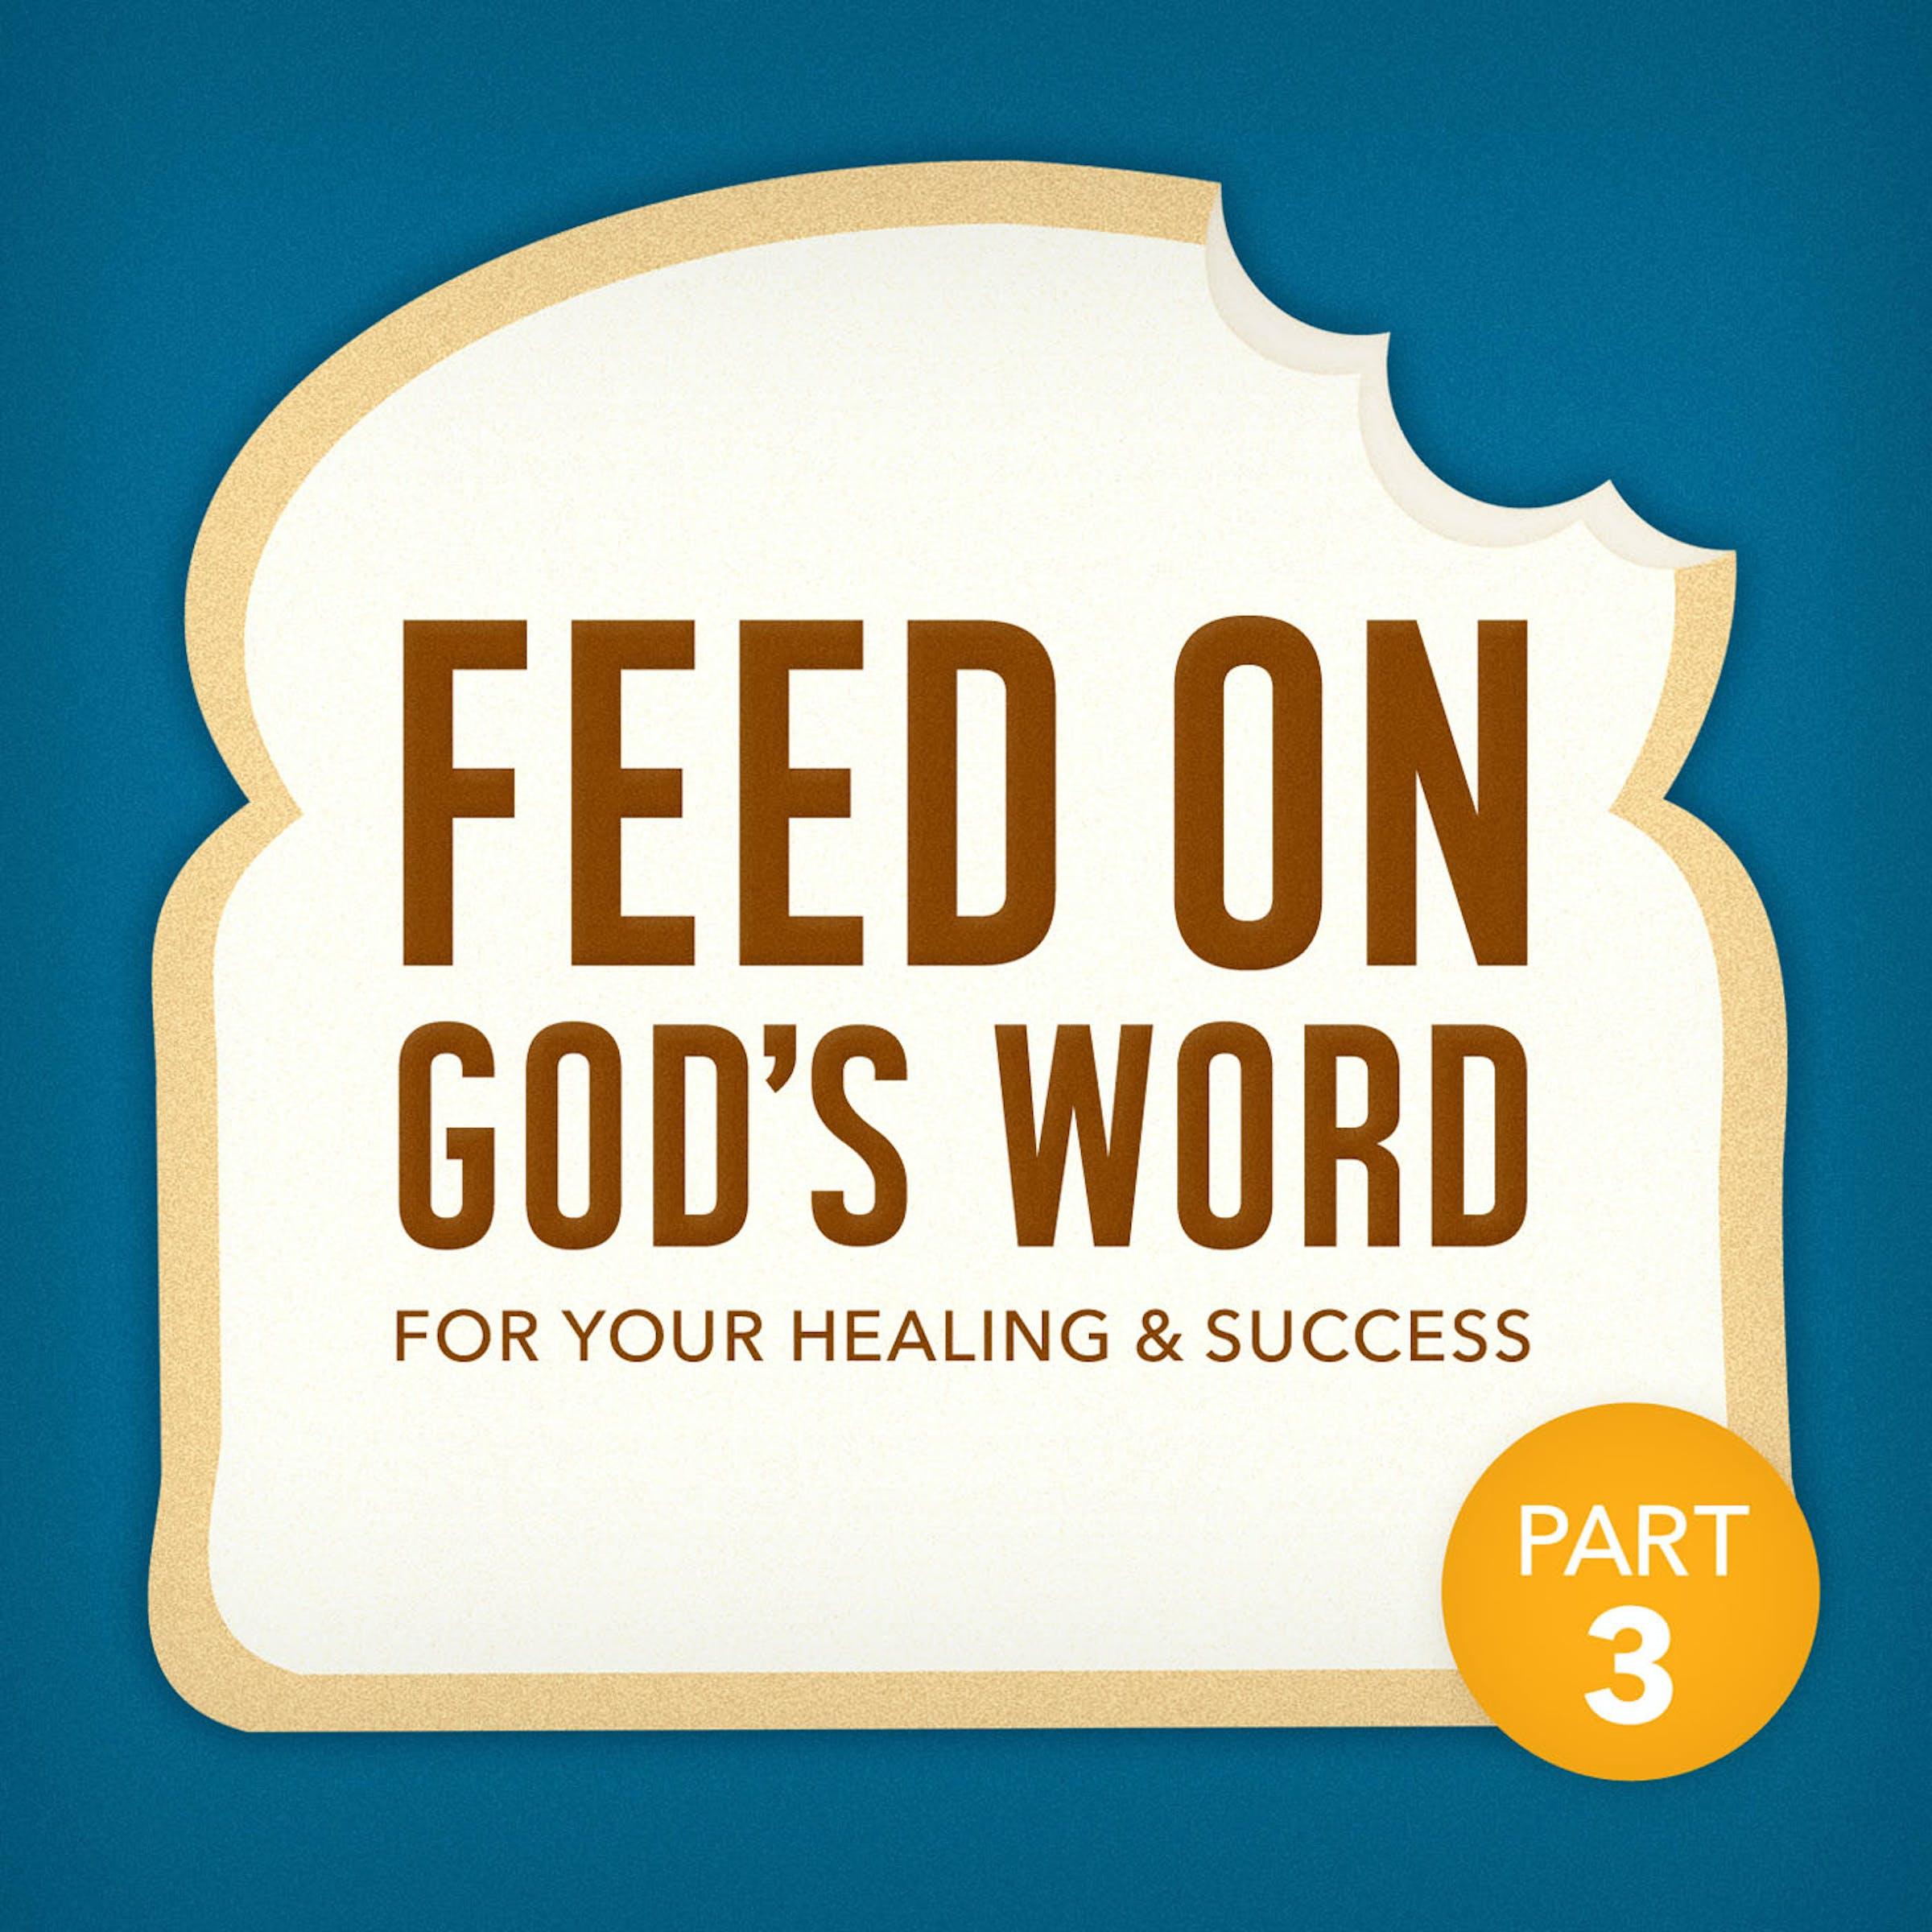 feed on god